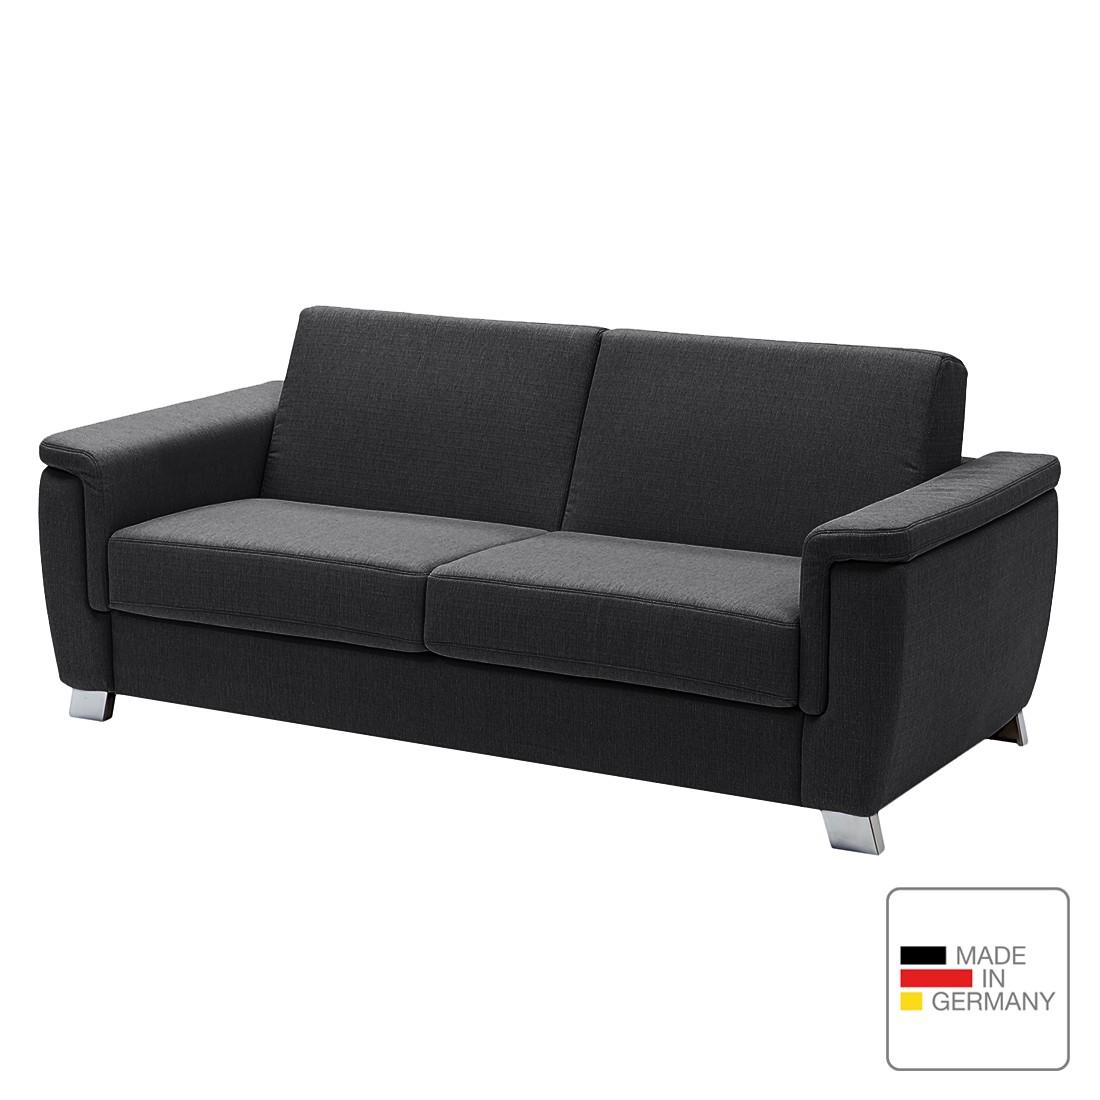 Schlafsofa Pidaro I – Webstoff – Markenkaltschaum – Grau – Breite Armlehne, Studio Monroe jetzt kaufen